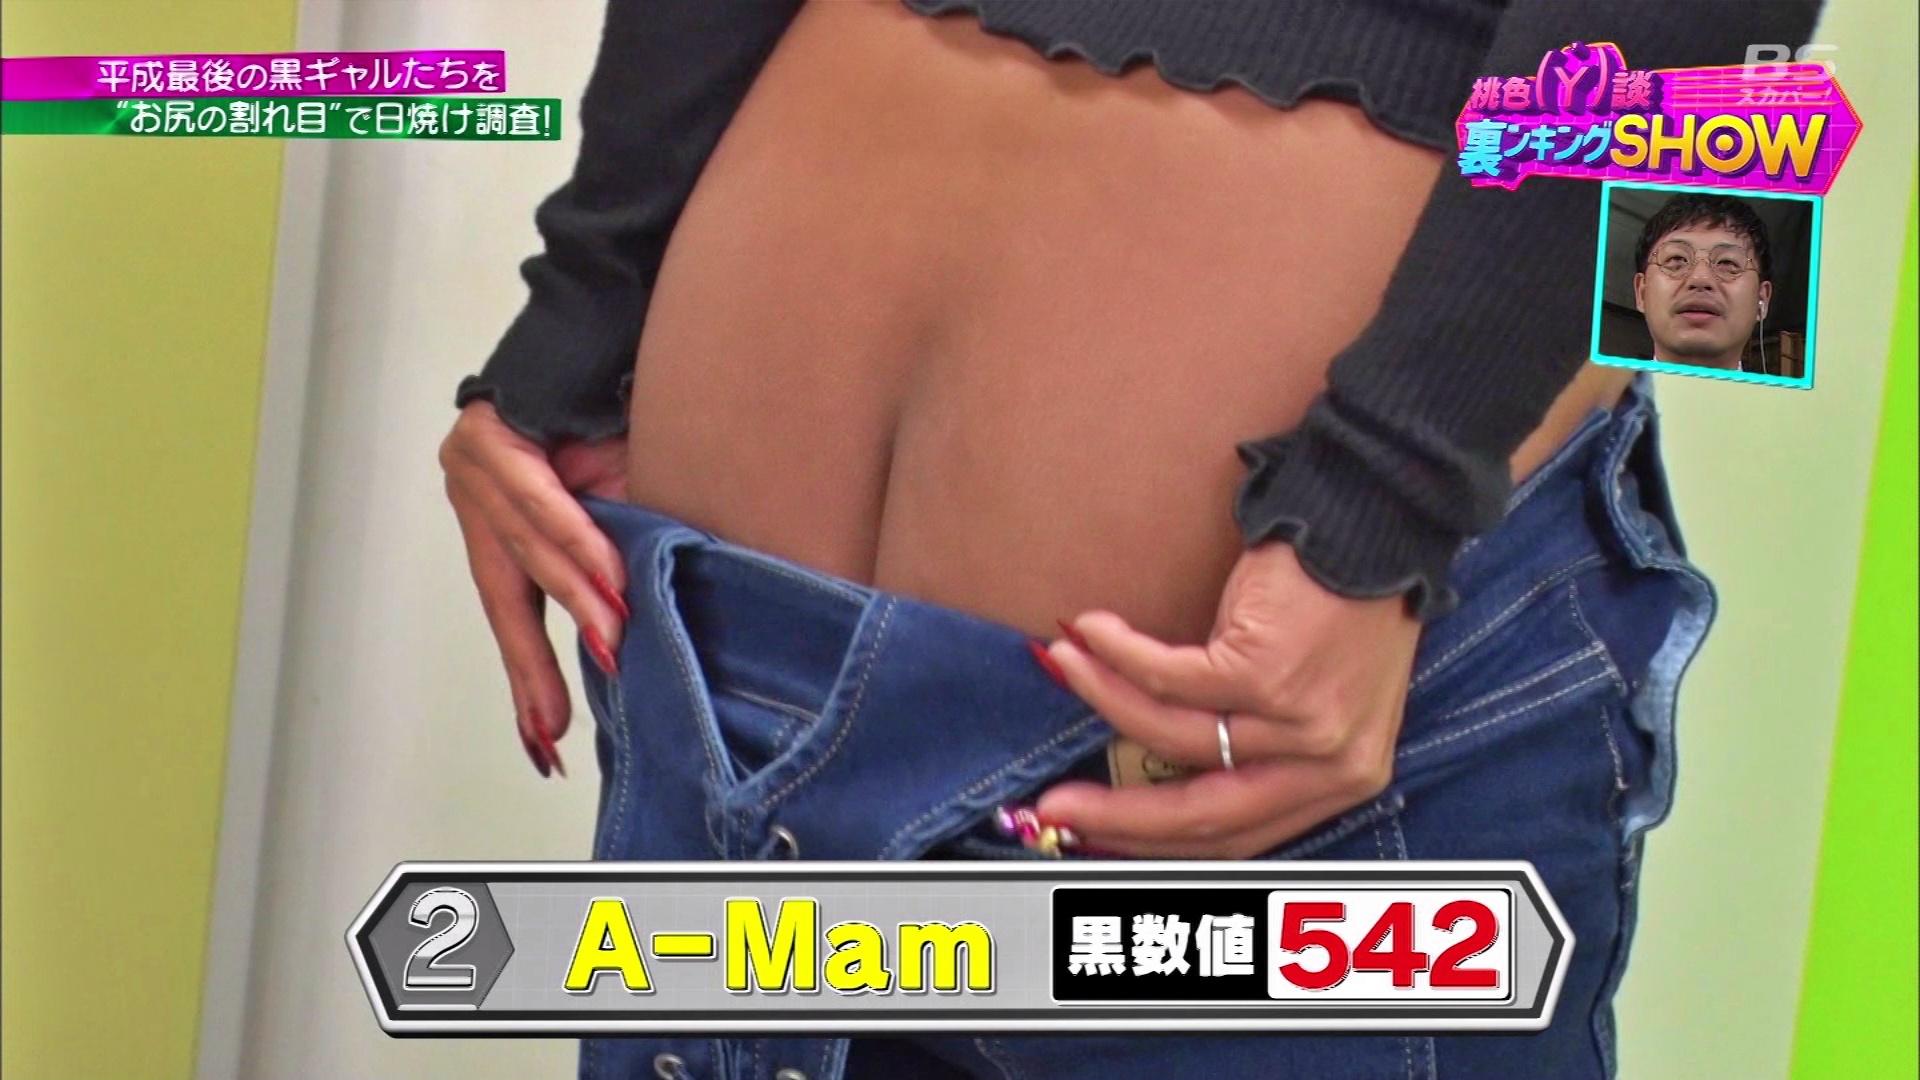 桃色Y談裏ンキングSHOW#9「黒ギャル日焼けクイーン」のテレビキャプチャー画像-088